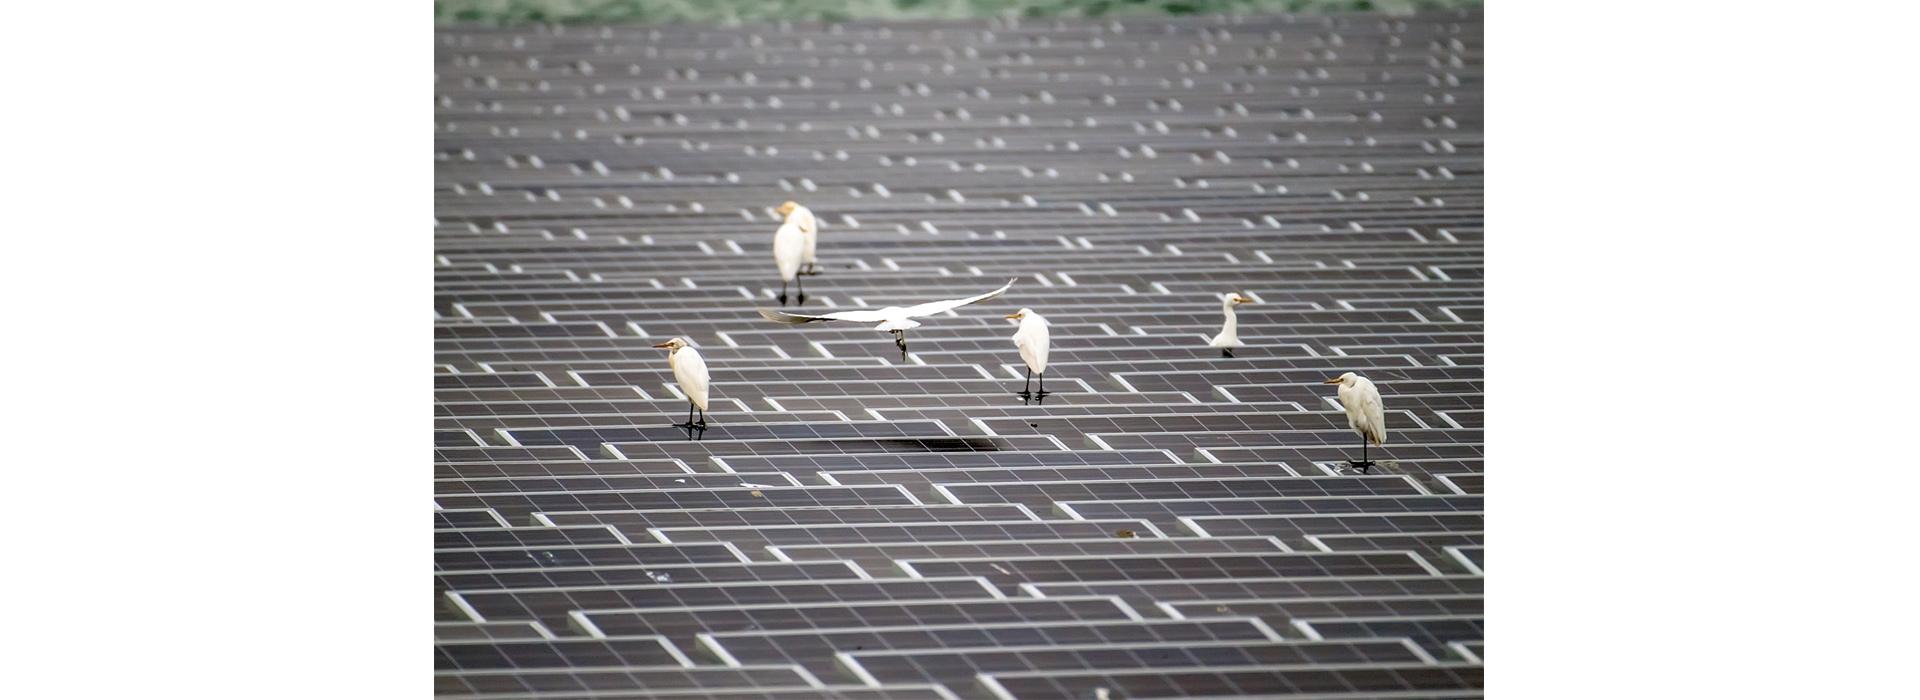 投資千億綠能電站建構幸福安全生活 辰亞能源首創海上型太陽能電站